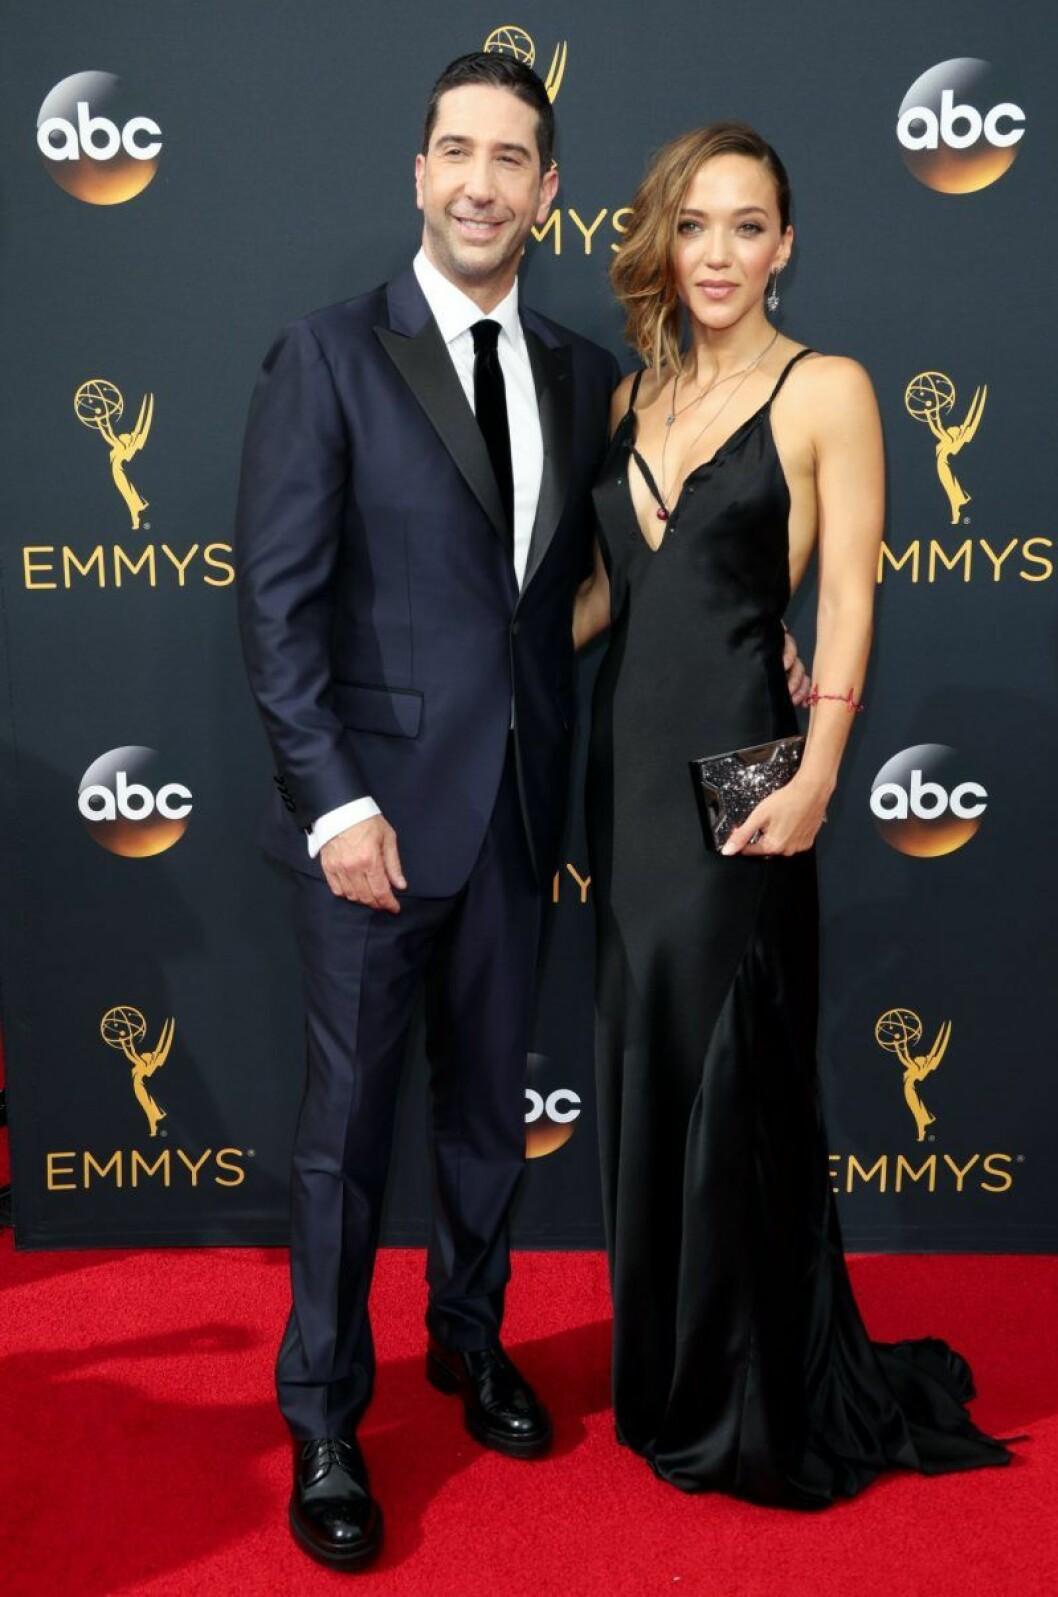 David Schwimmer i svart kostym och Zoe Buckman i svart långklänning på röda mattan